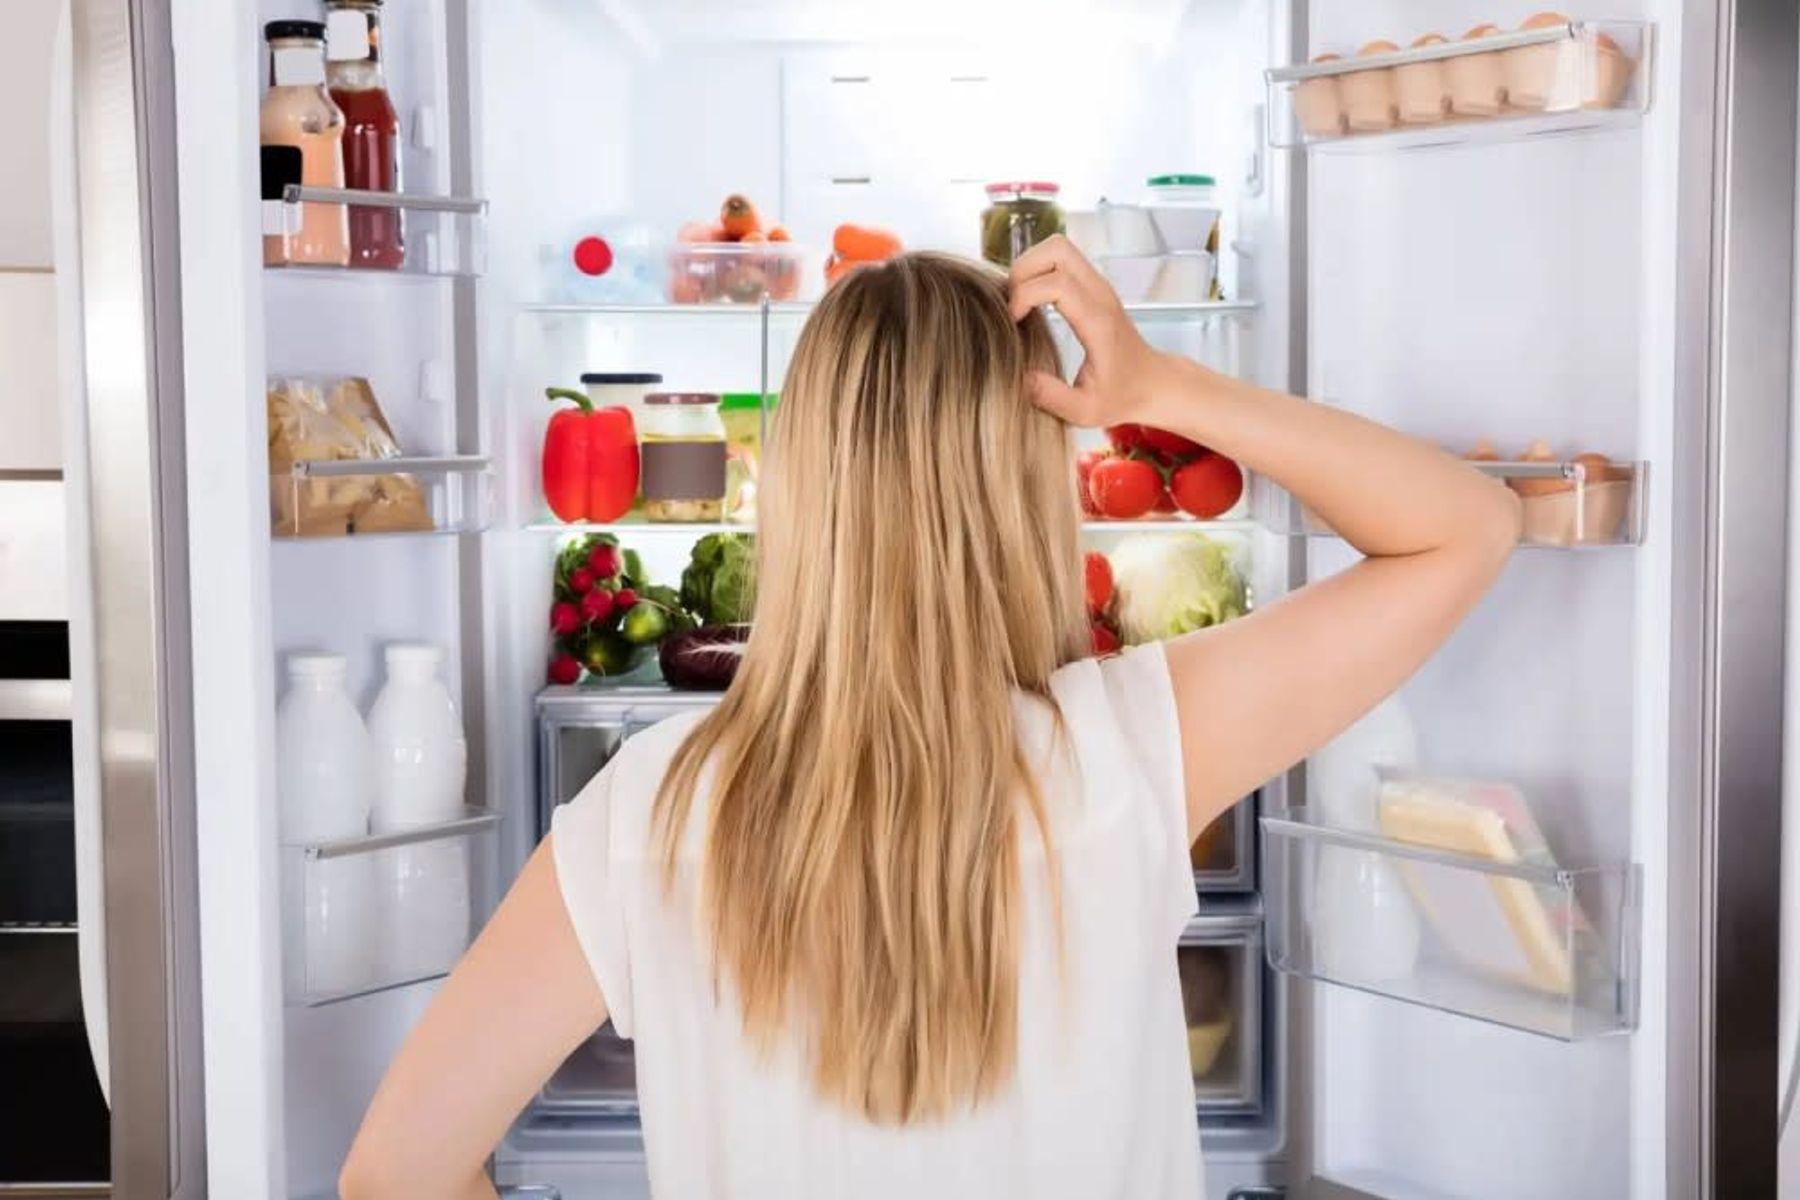 Açık Buzdolabı Önünde Düşünen Kadın